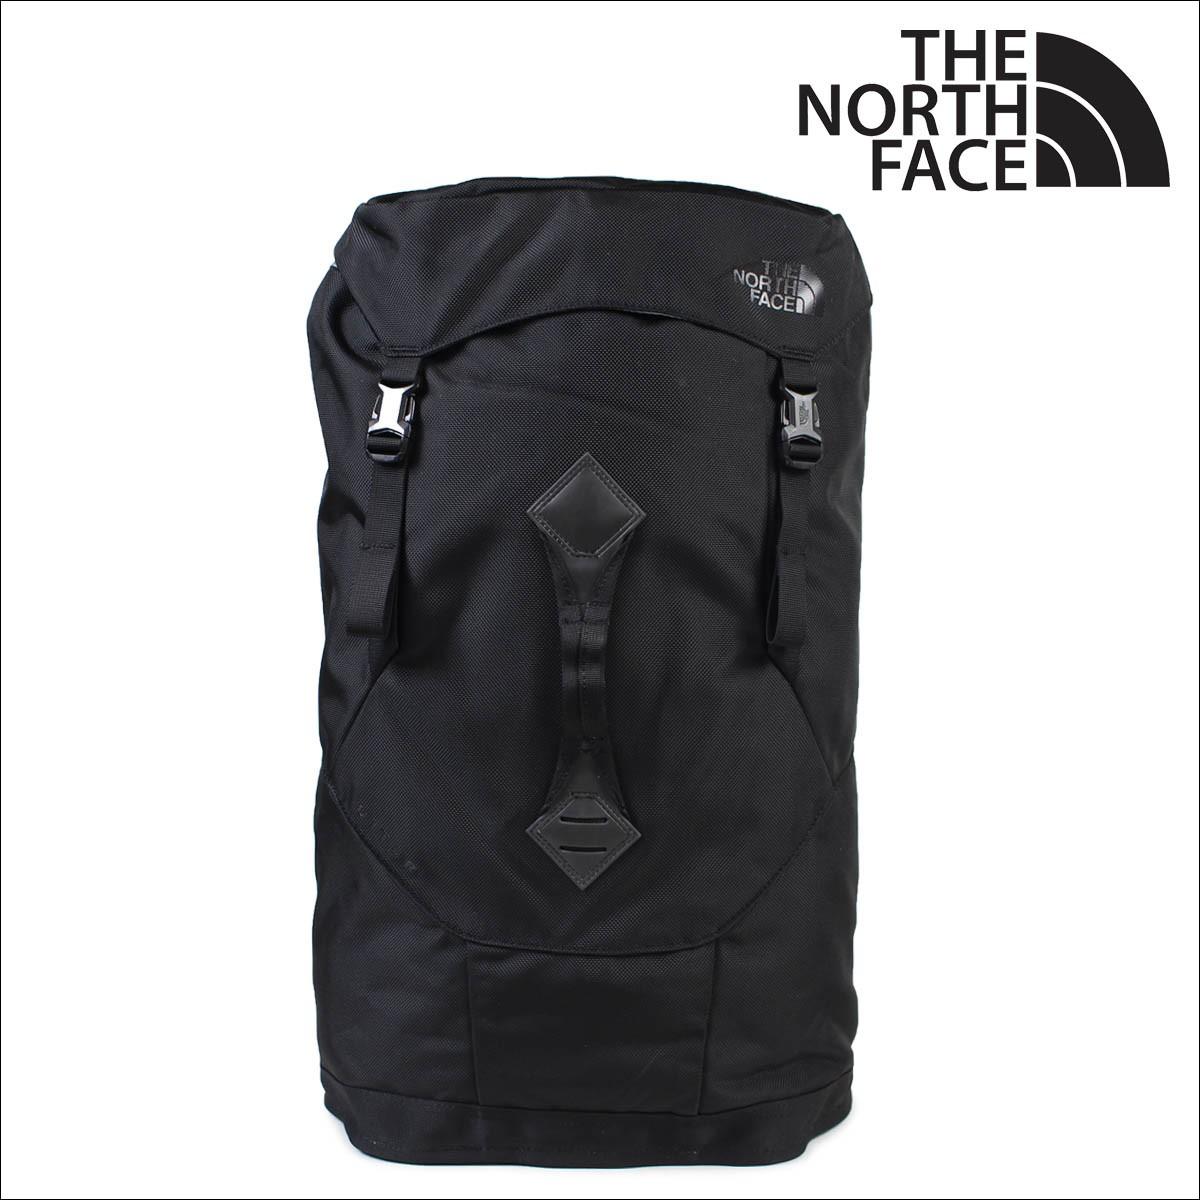 THE NORTH FACE ノースフェイス リュック メンズ レディース バックパック CITER NF00C098 KX7 ブラック [179]